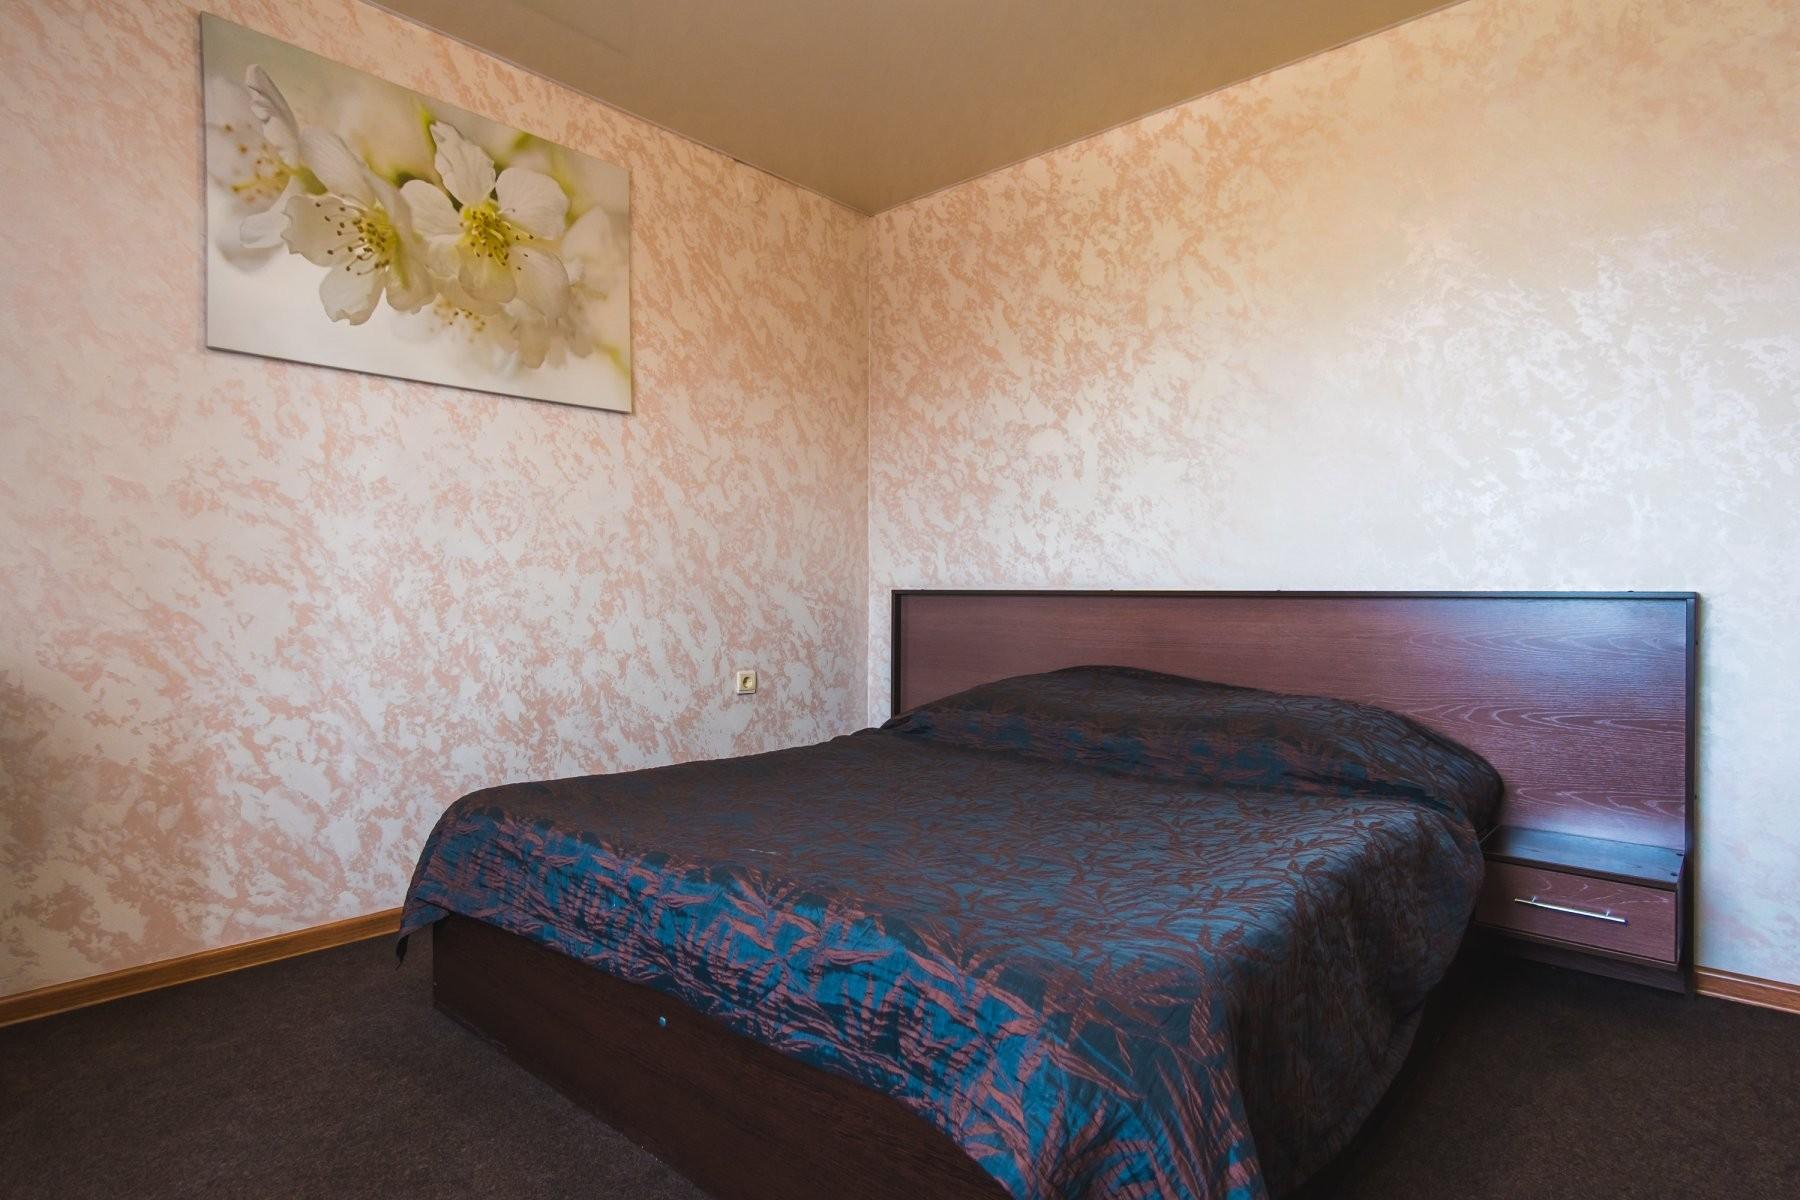 Шоколад, гостиничный комплекс - №11